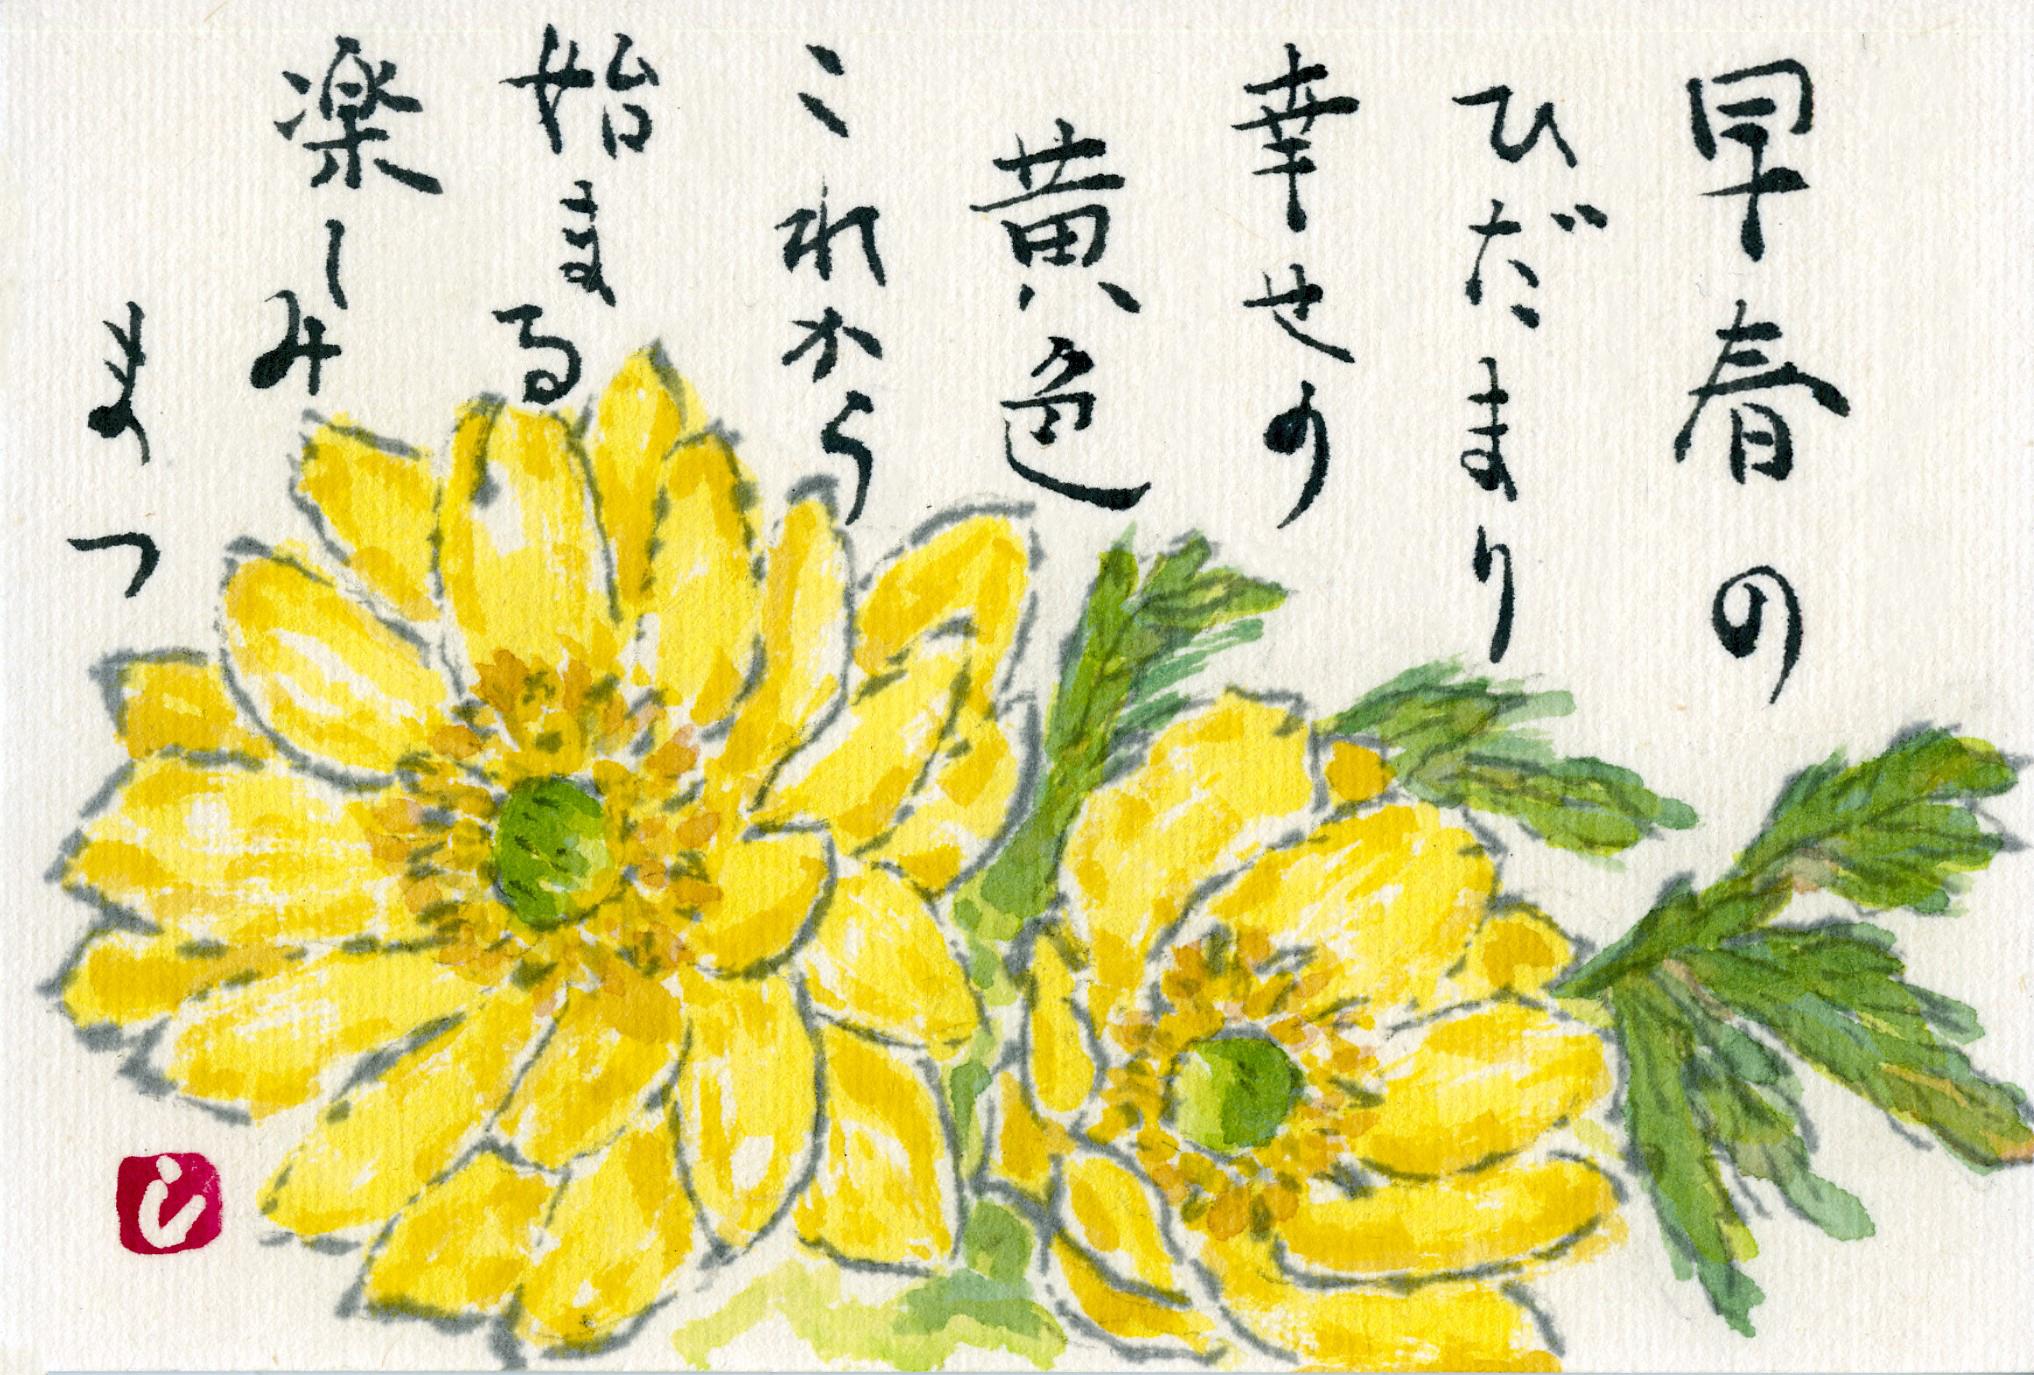 言葉 福寿草 花